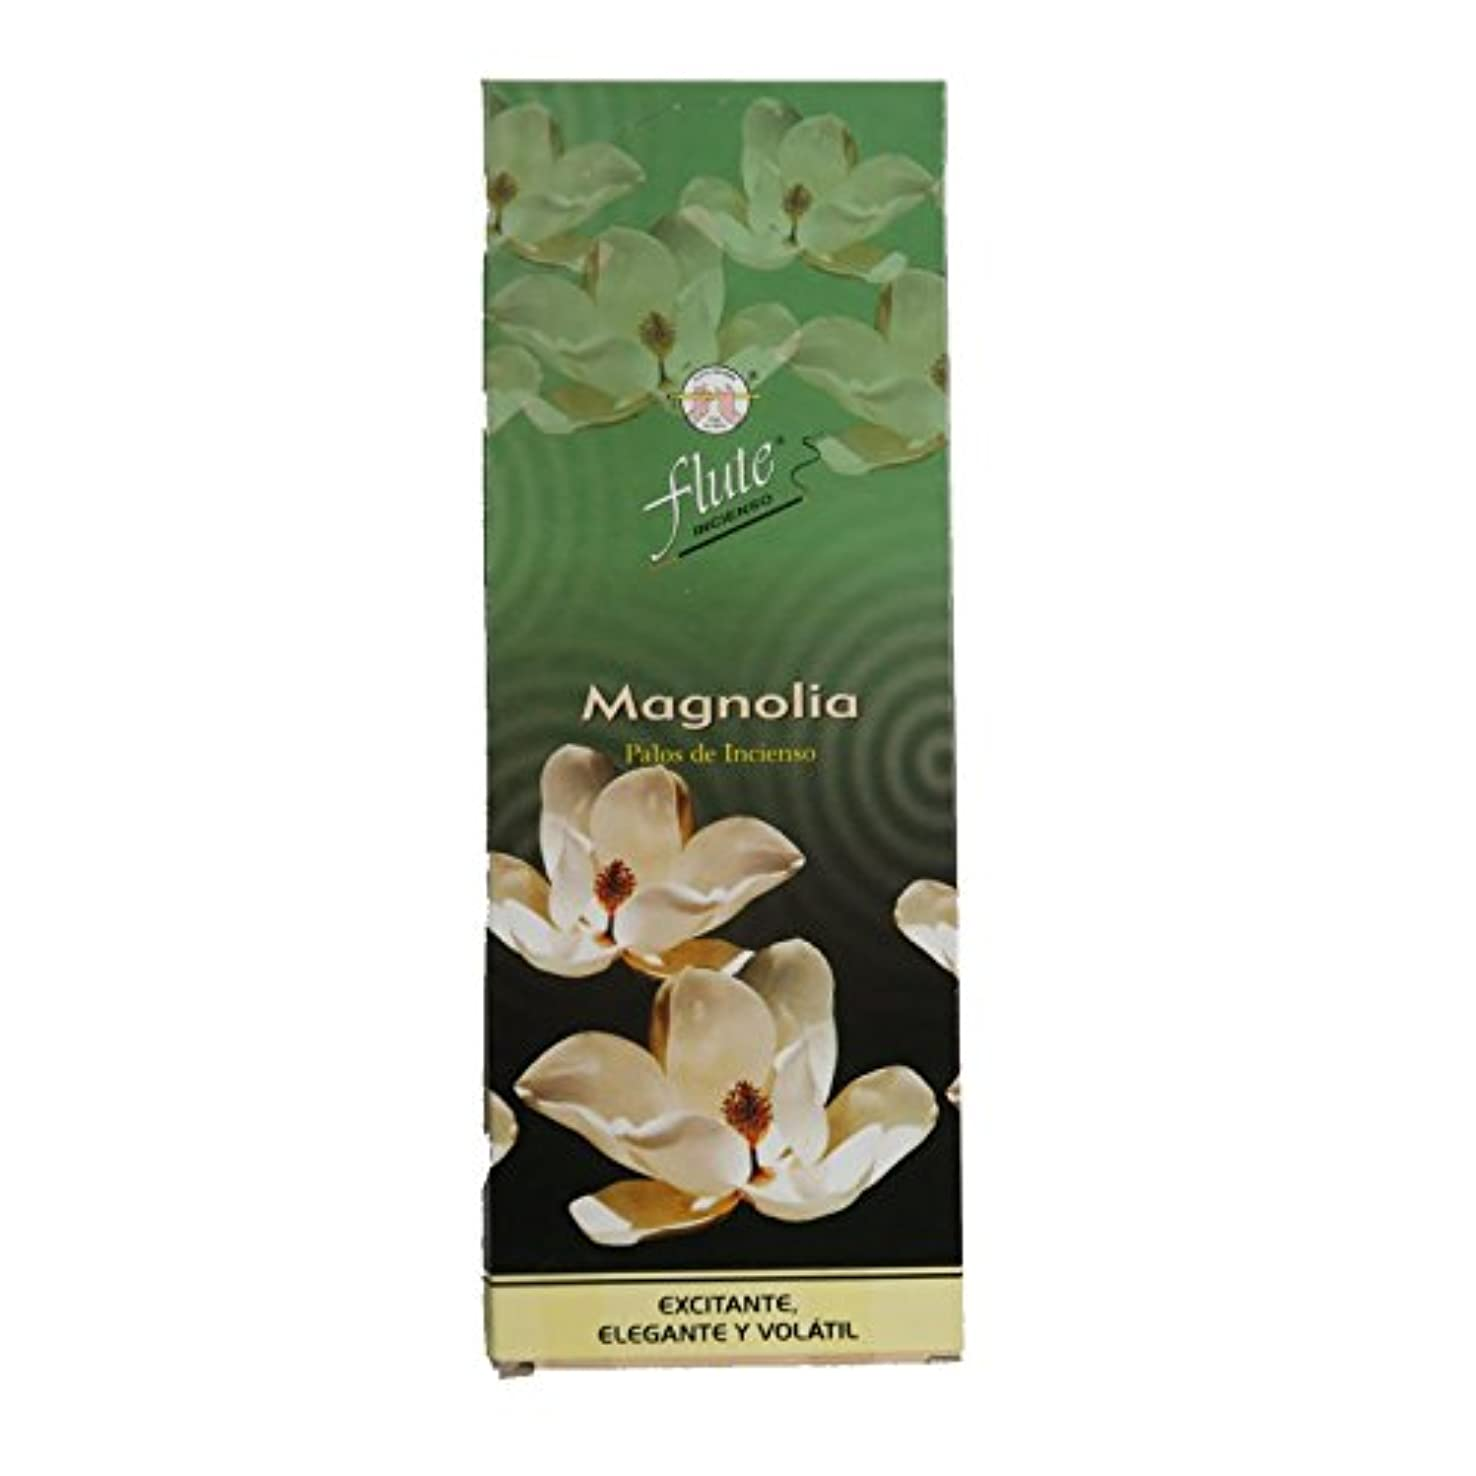 漁師トレイ識別するflute社 スティック型インドお香 Magnolia 6箱セット